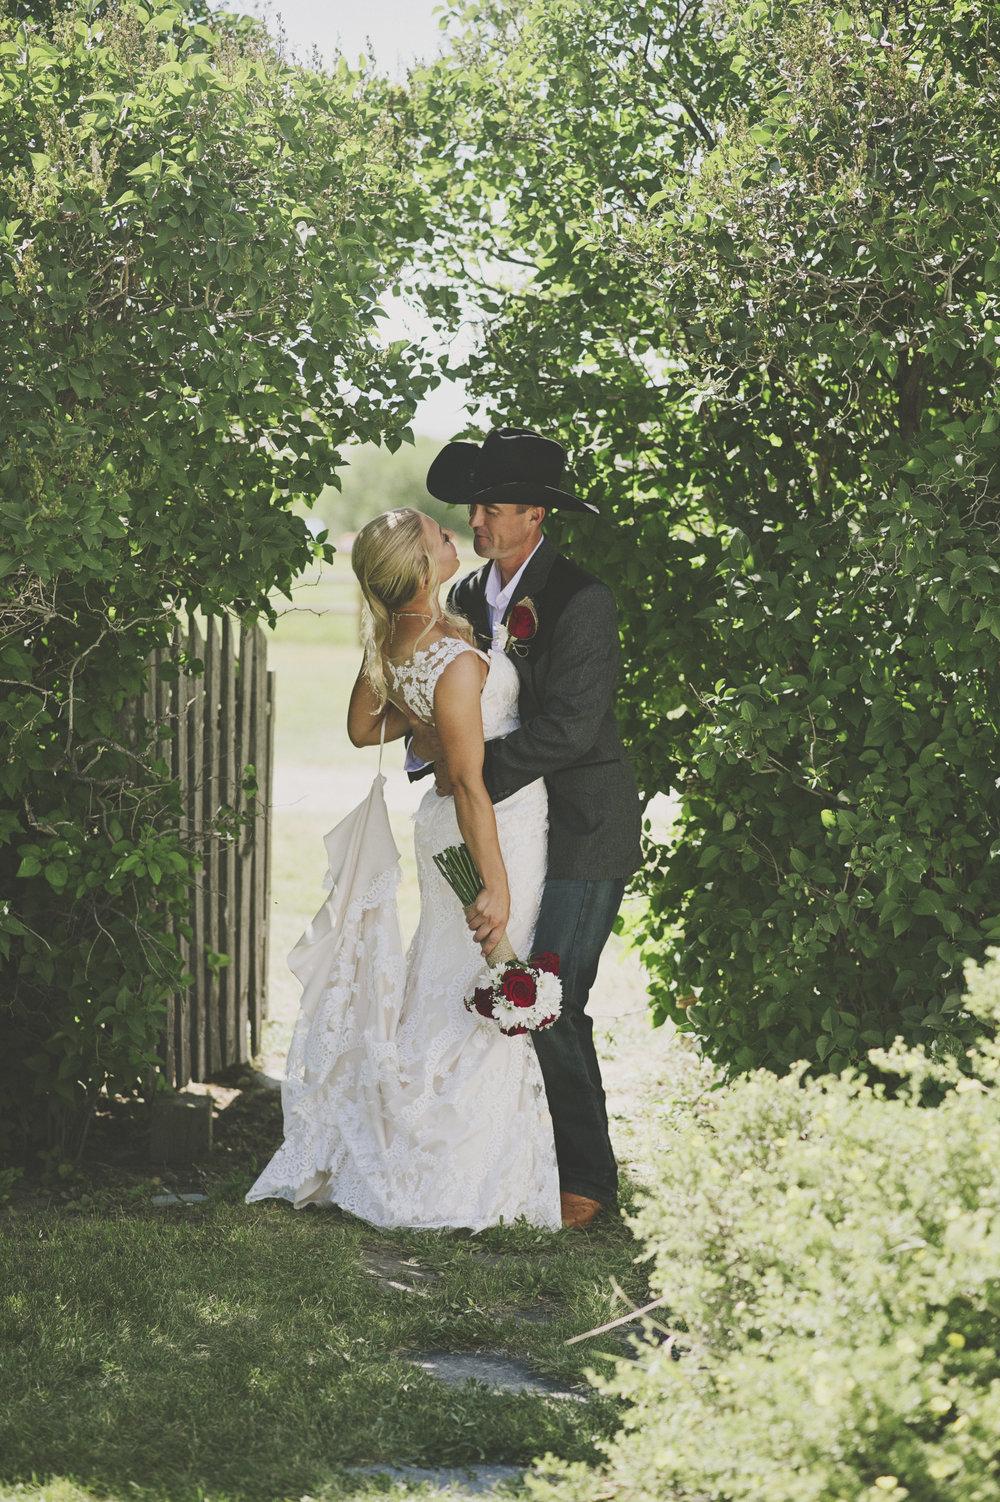 Erica Lind + Jeff Heim Wedding_Rustic Wedding_Montana Wedding_Kelsey Lane Photography-3864 copy.jpg